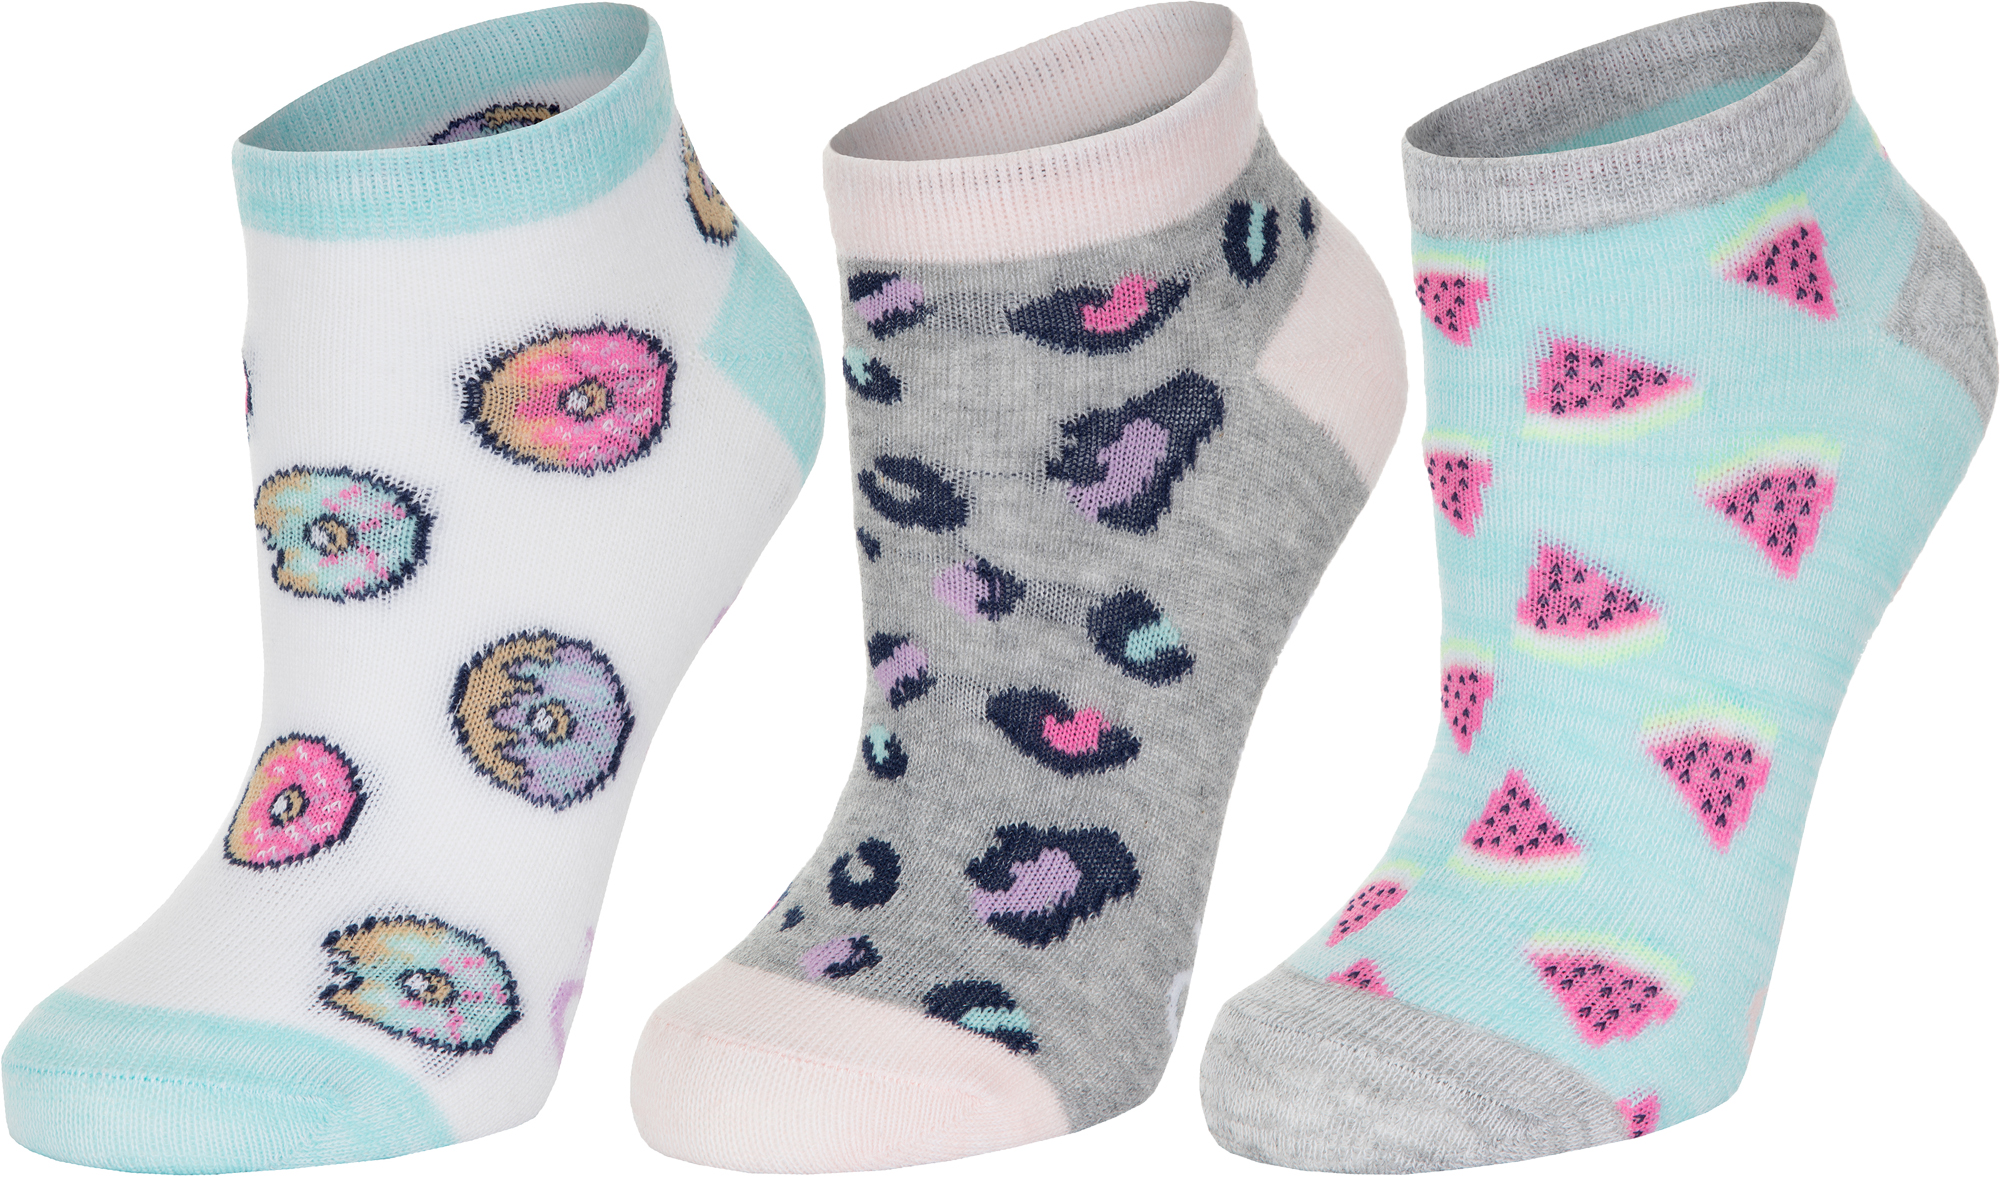 Skechers Носки для девочек Skechers, 2 пары, размер 24-35 skechers носки женские skechers 3 пары размер 35 39